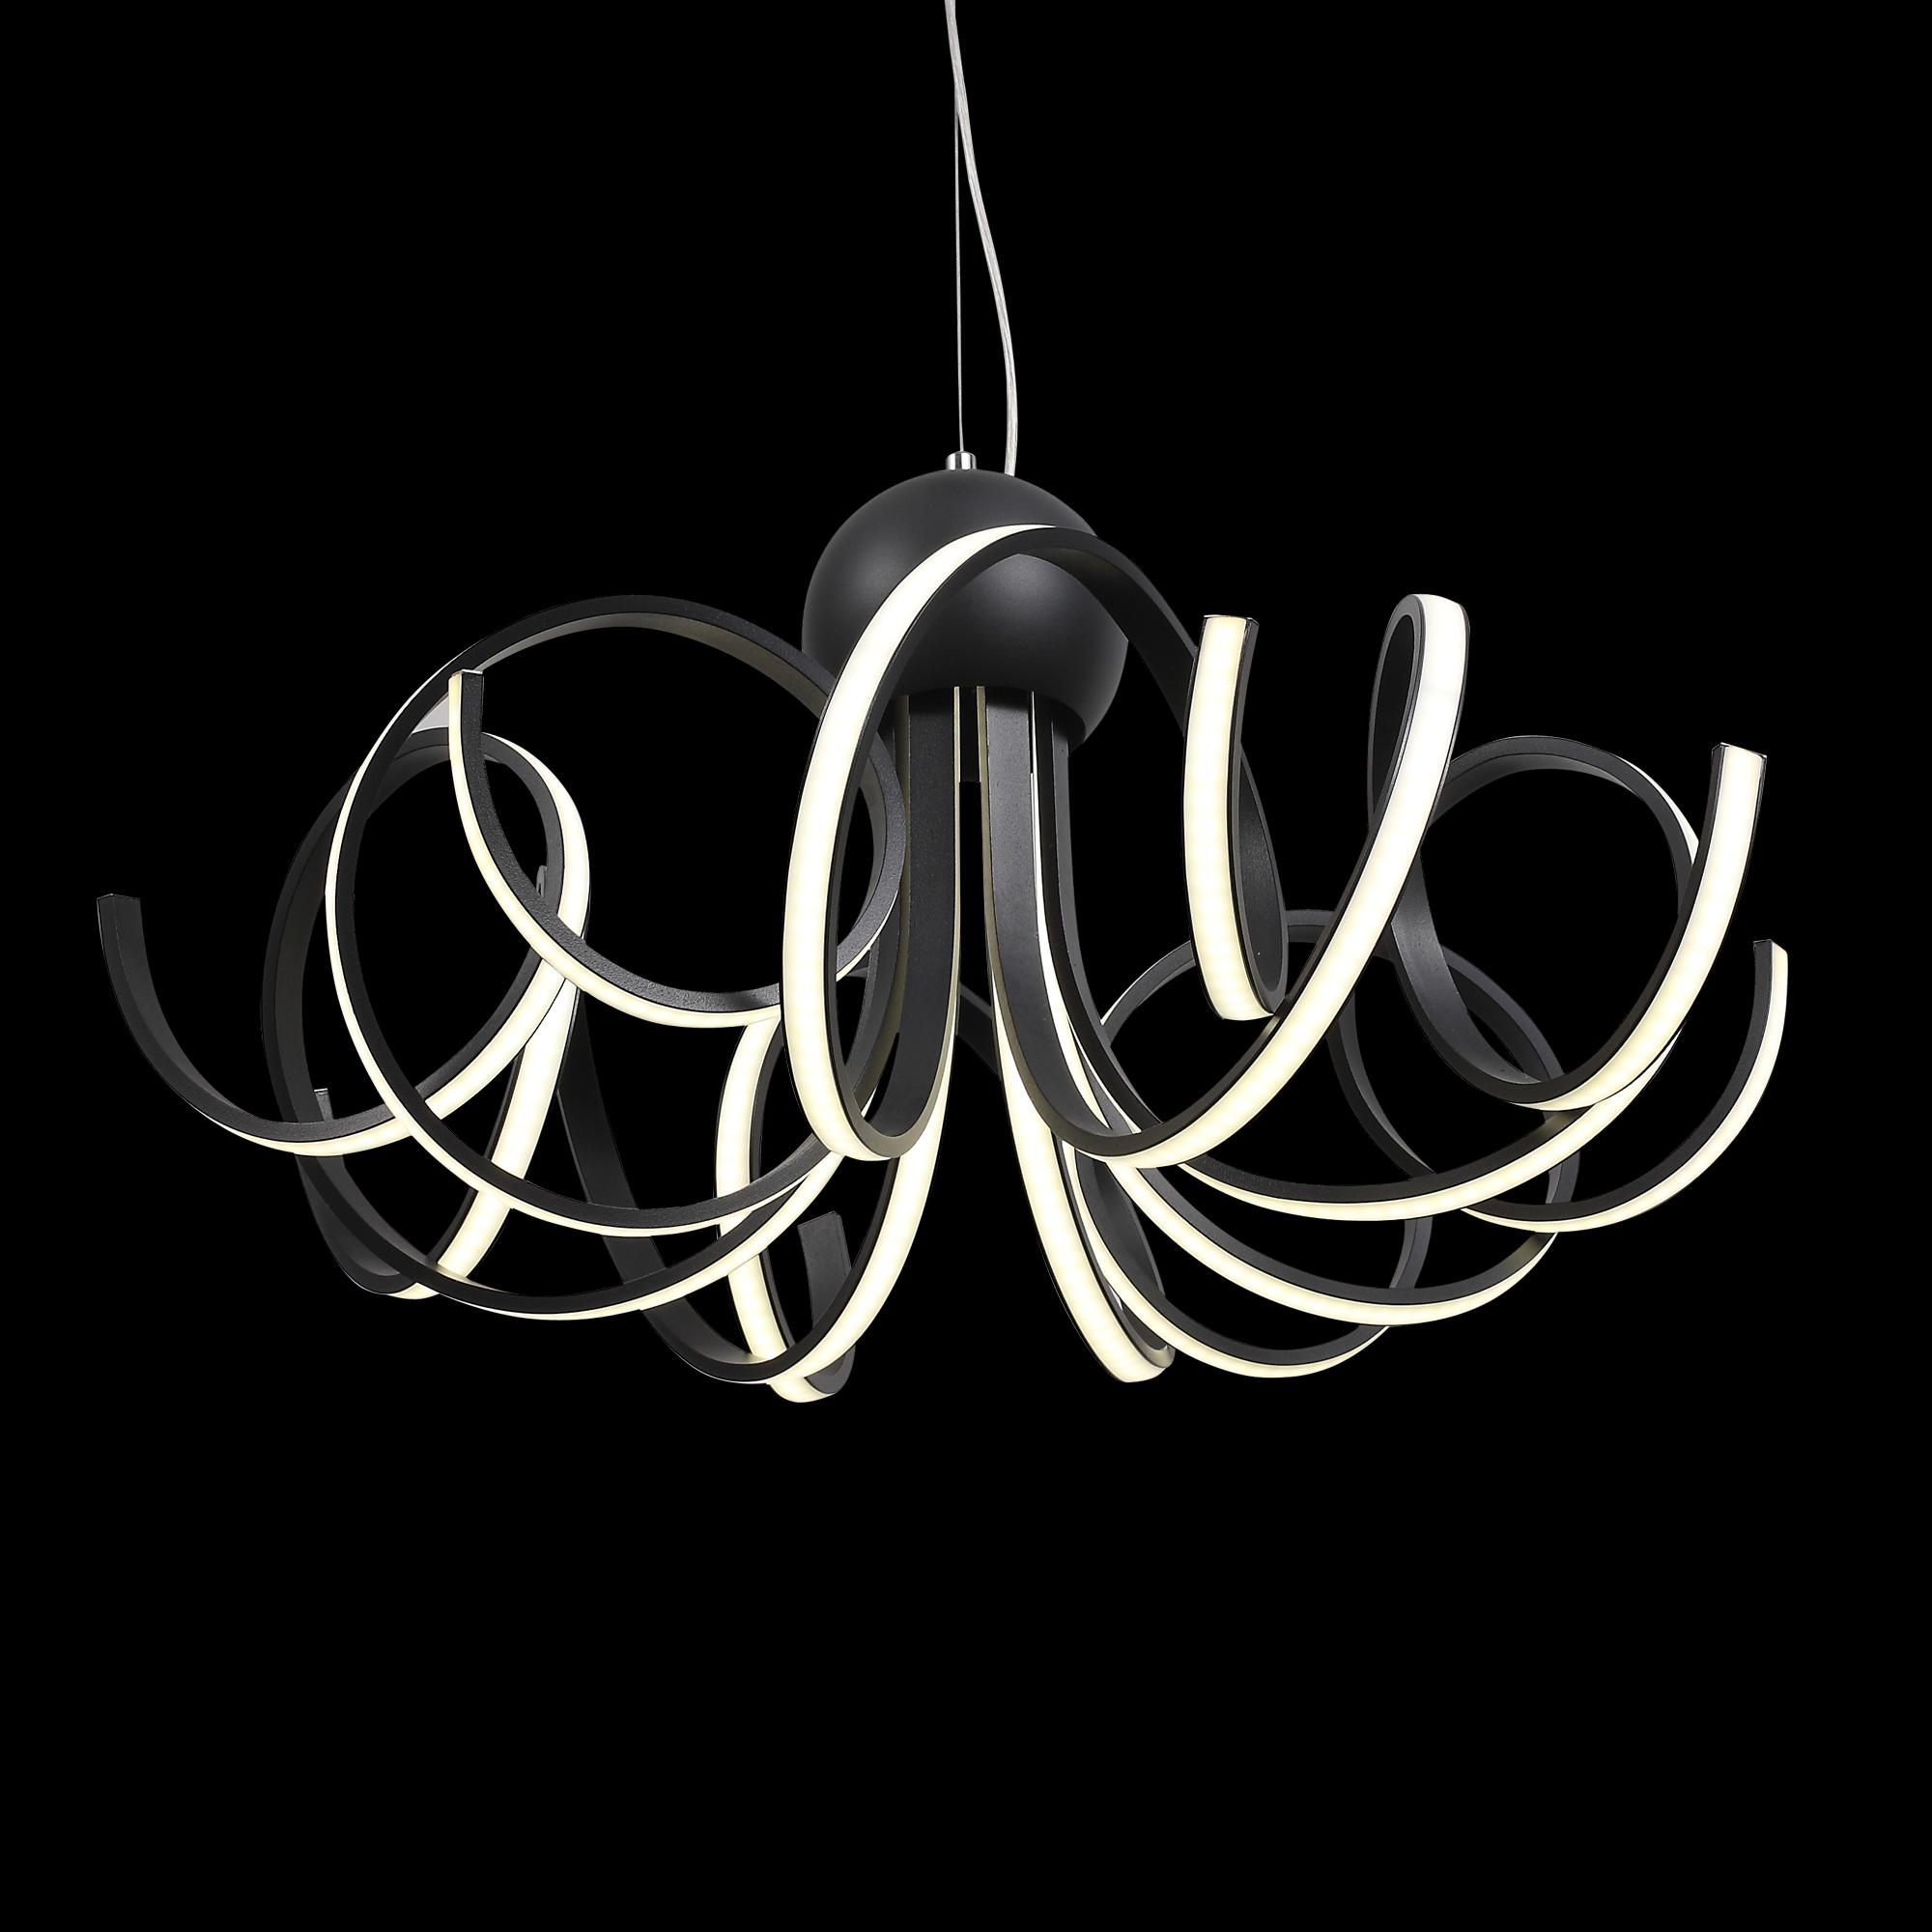 Подвесная светодиодная люстра ST Luce Fondere SL906.403.08, LED 120W, 4000K (дневной), черный, белый, металл, пластик - фото 4